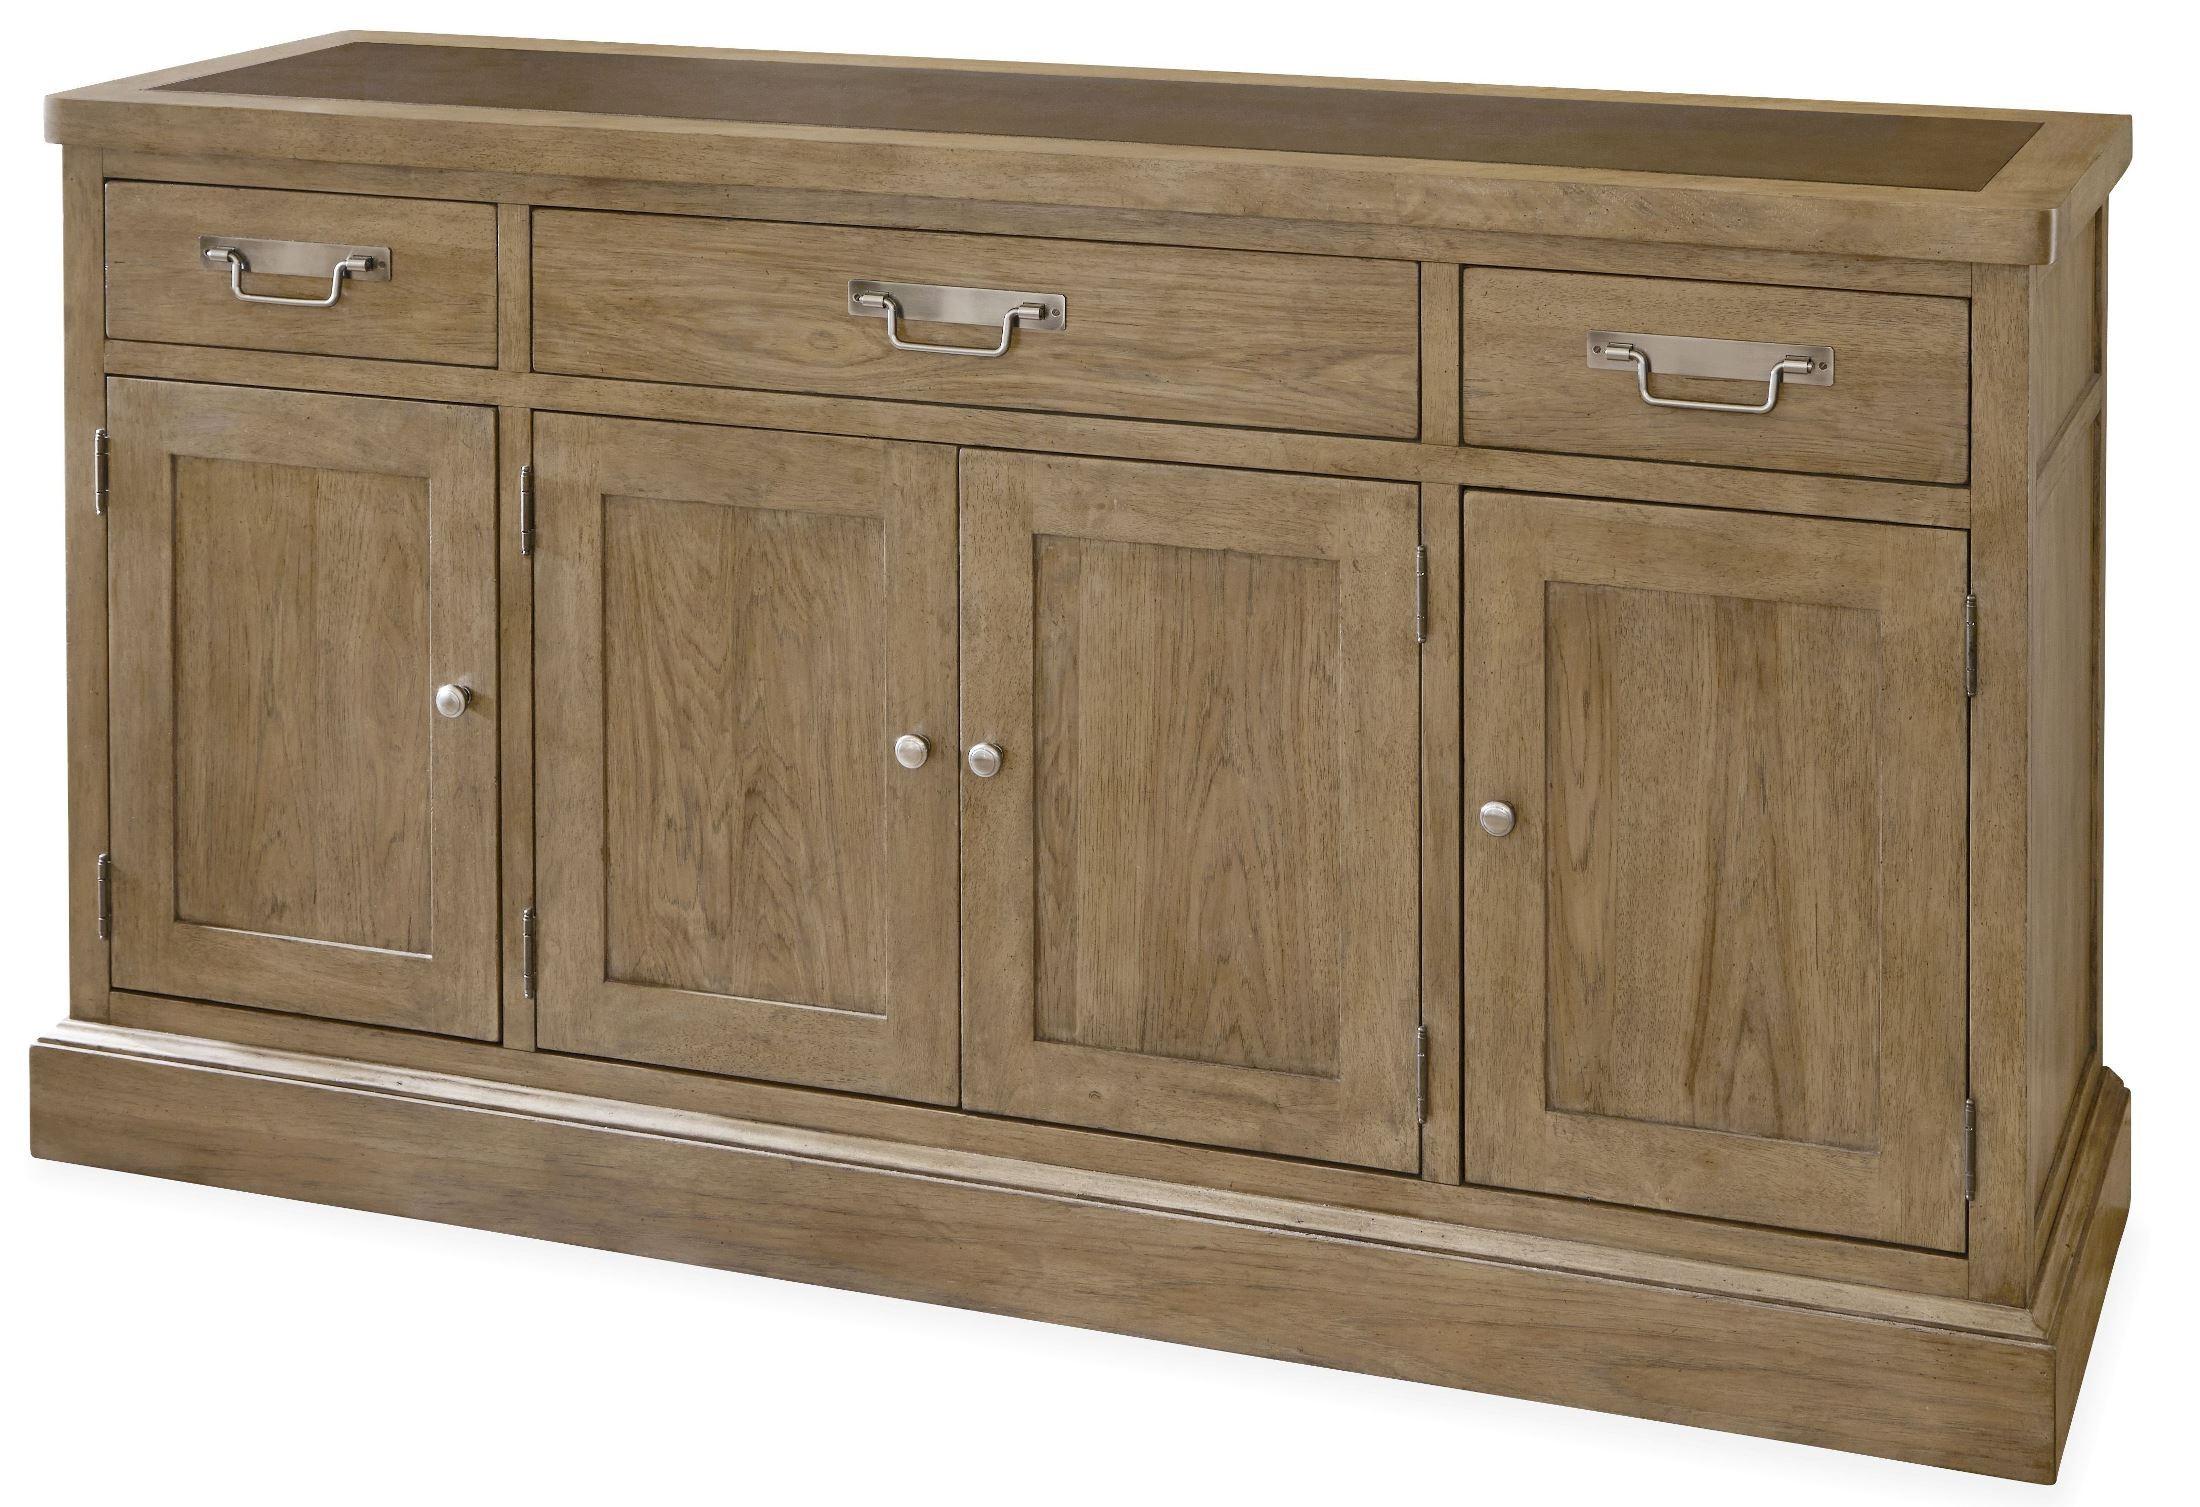 moderne muse bisque sideboard from universal 414679. Black Bedroom Furniture Sets. Home Design Ideas